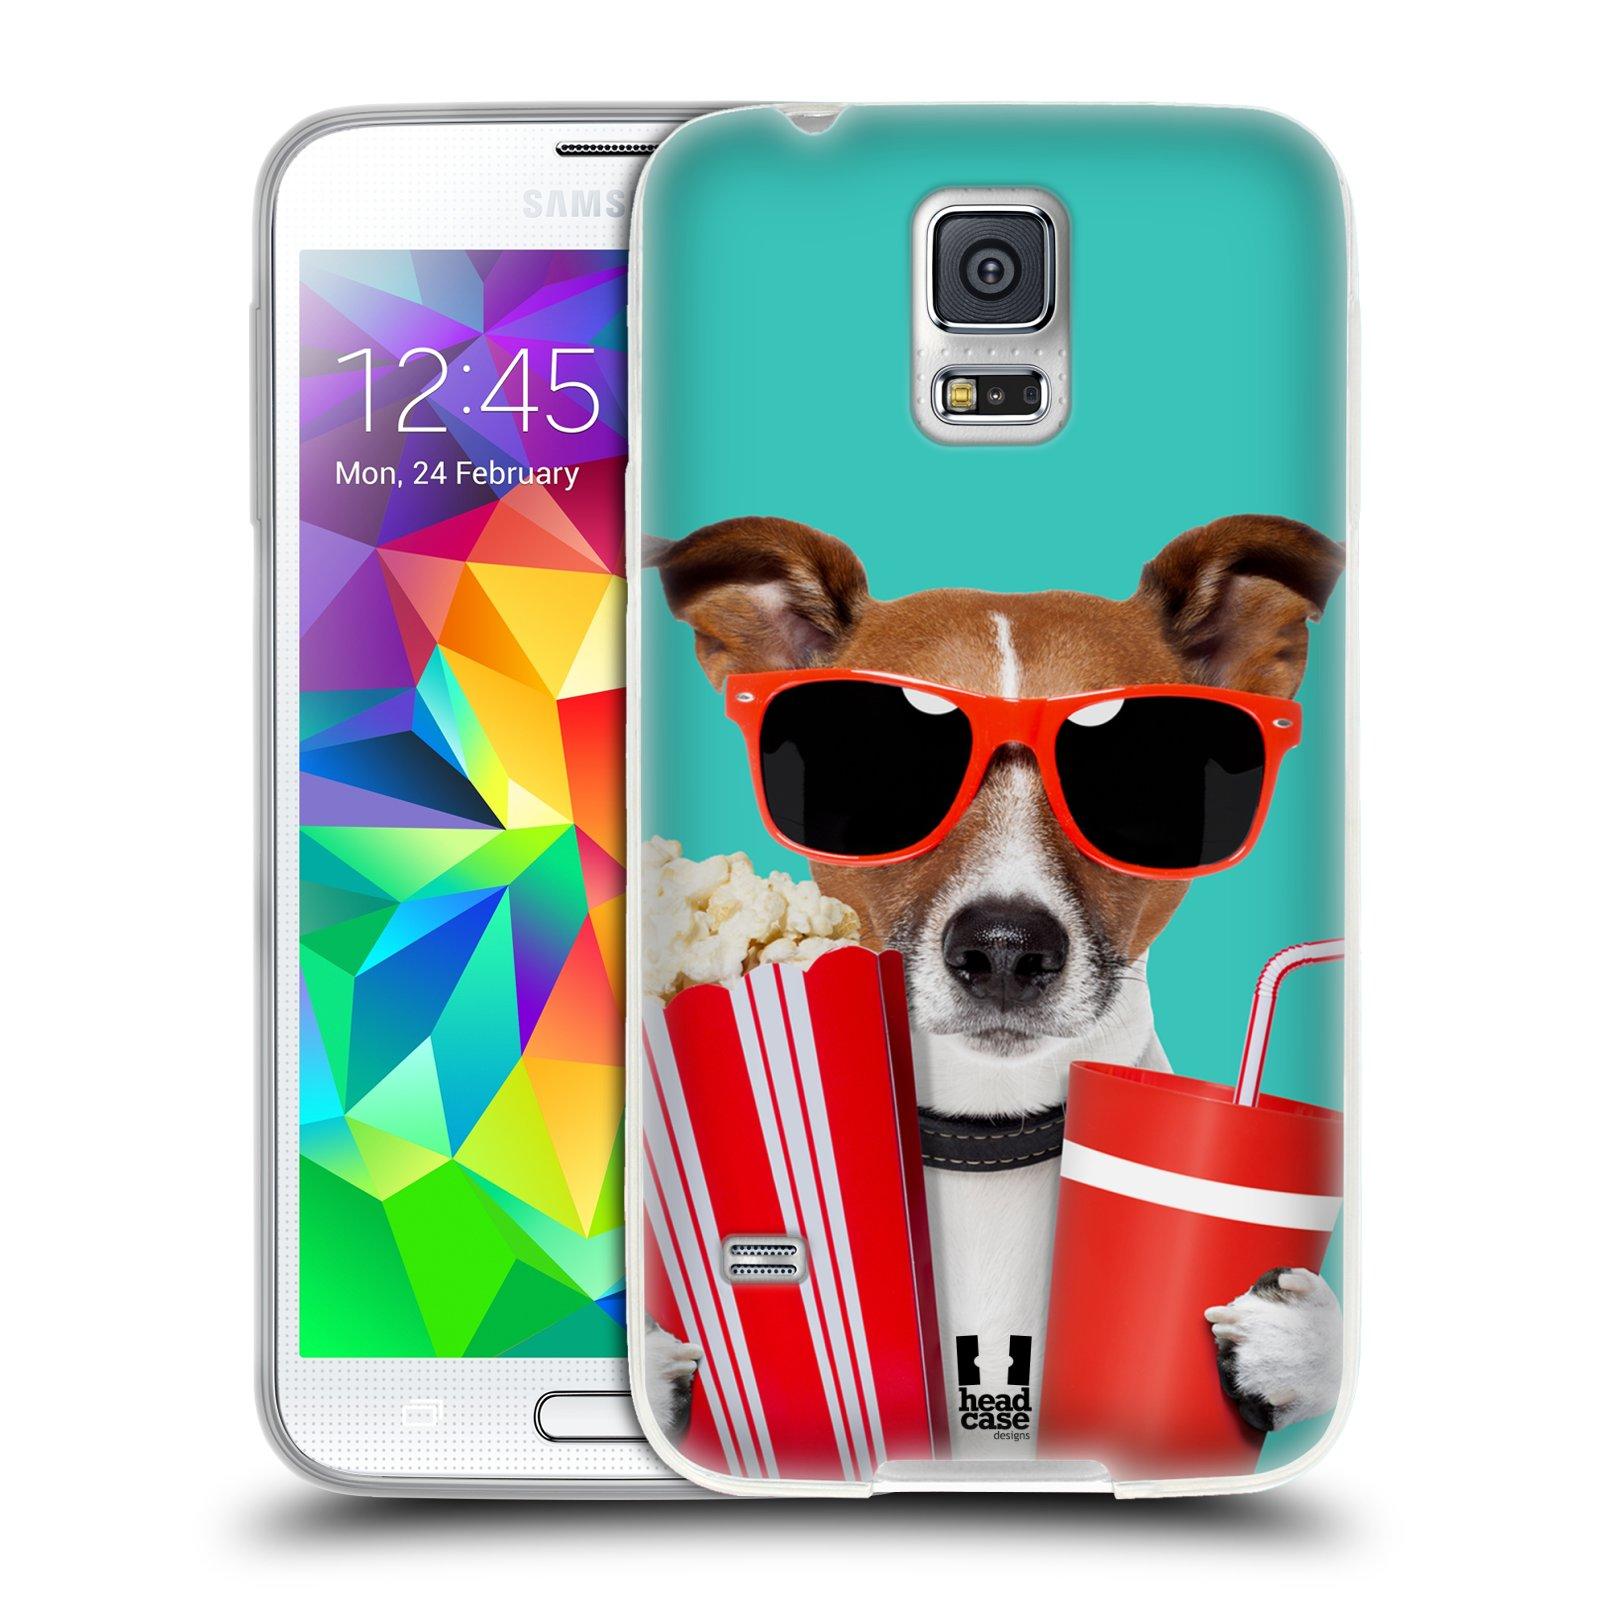 HEAD CASE silikonový obal na mobil Samsung Galaxy S5/S5 NEO vzor Legrační zvířátka pejsek v kině s popkornem